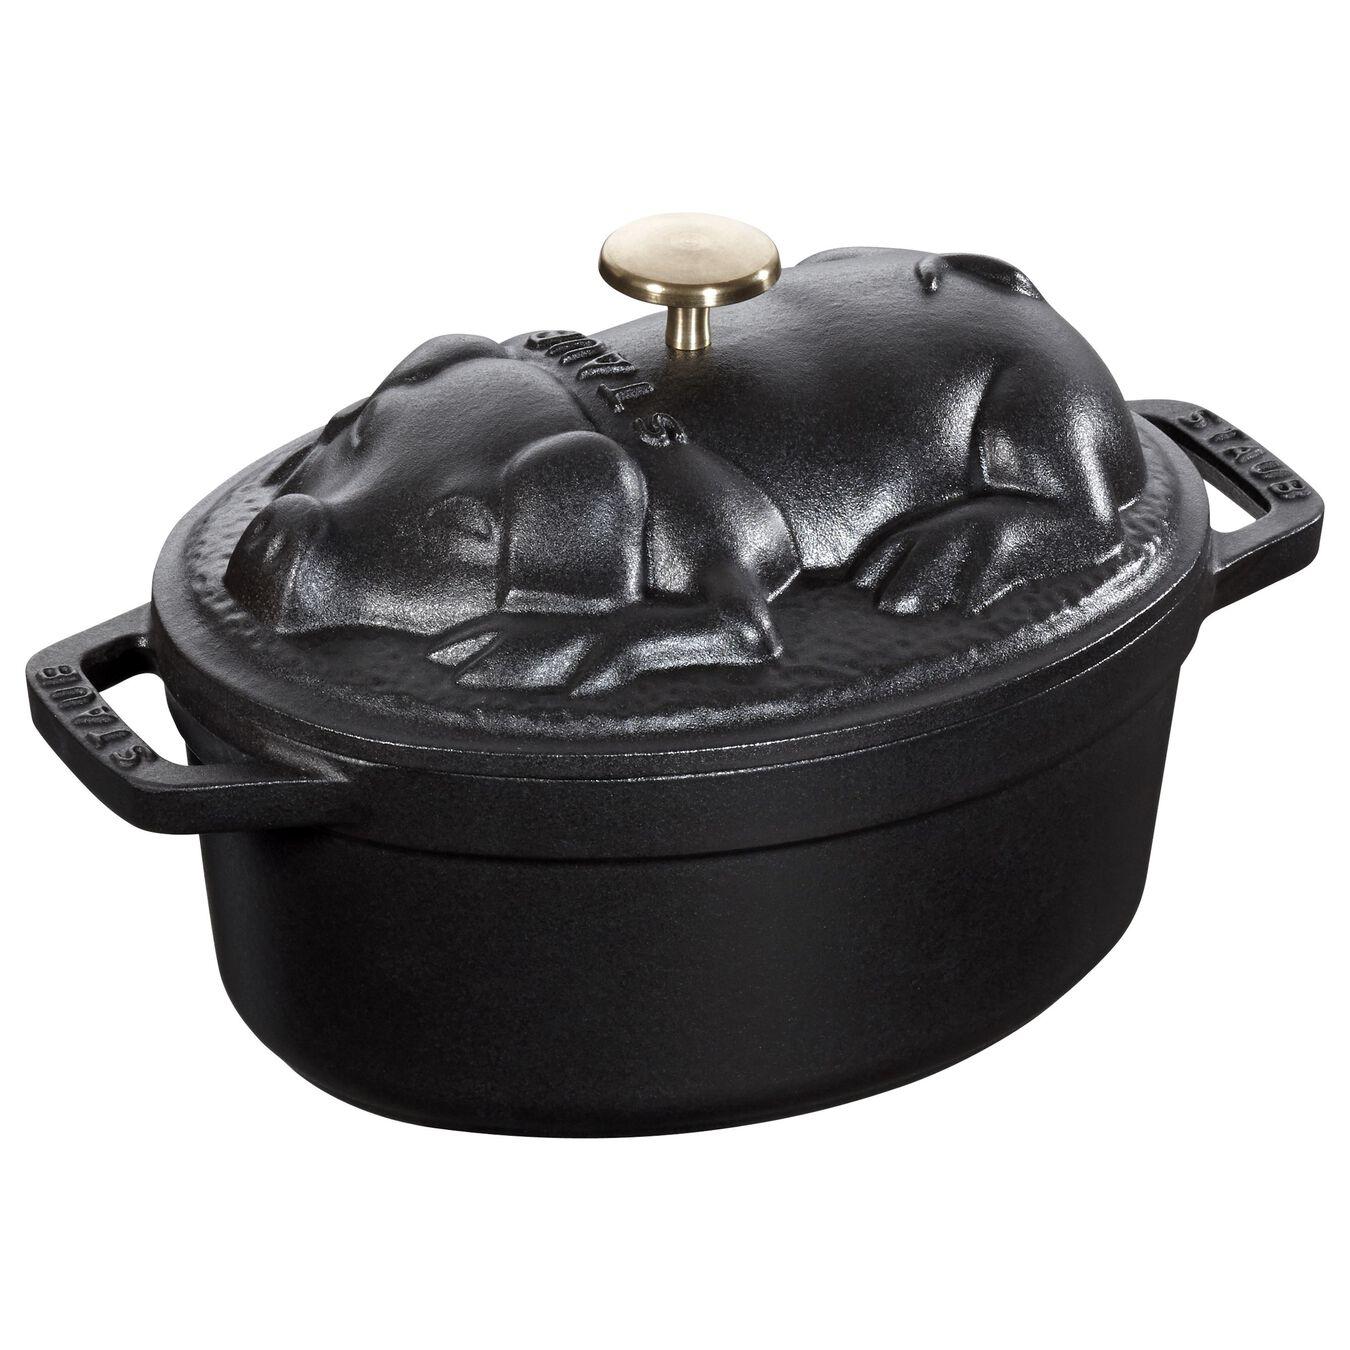 Cocotte 17 cm, Ovale, Noir, Fonte,,large 1